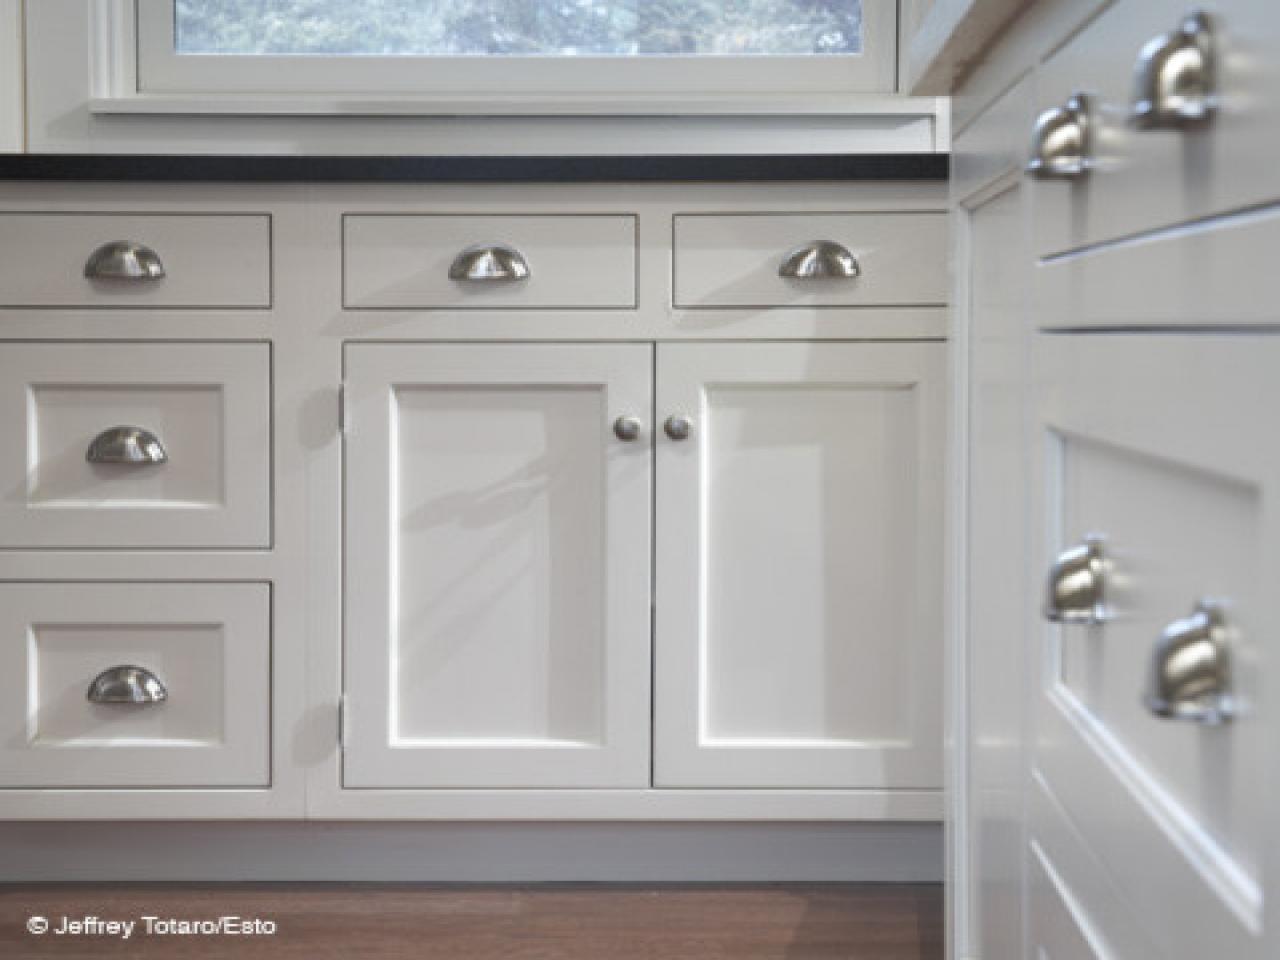 kitchen cabinet door knobs and handles photo - 20